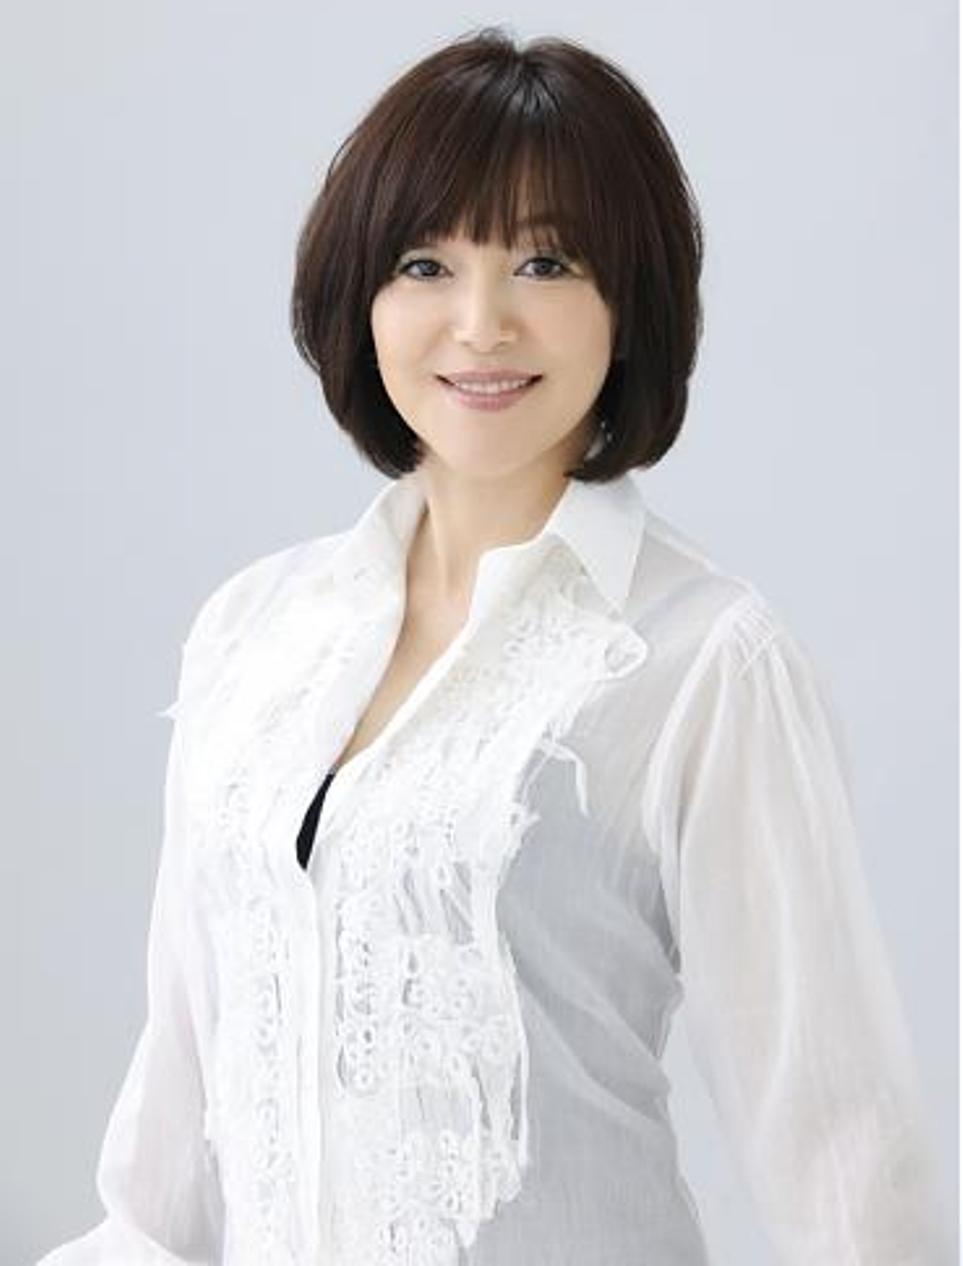 岩崎宏美の画像 p1_22